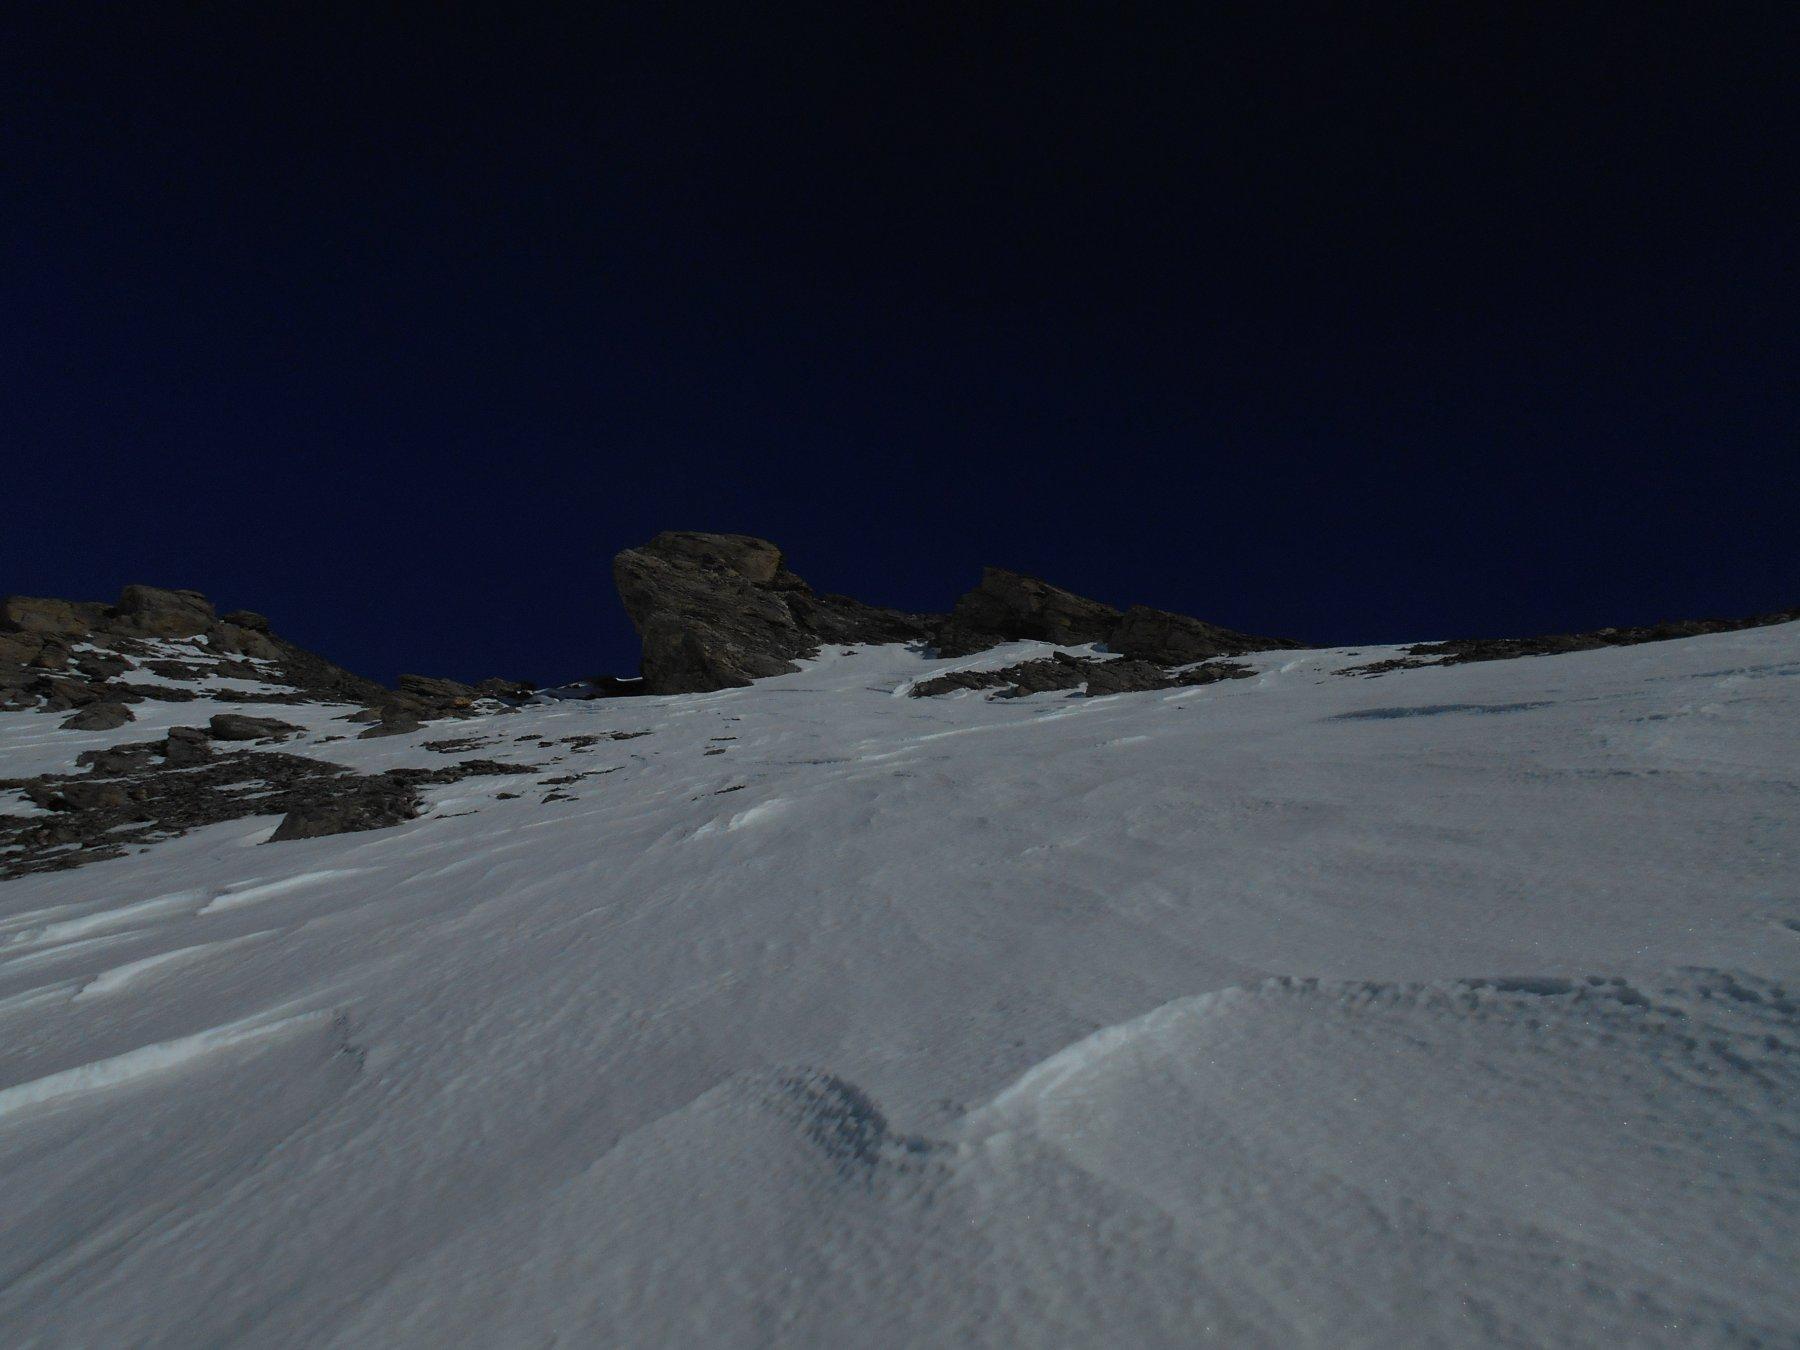 Sotto la cima neve dura dura